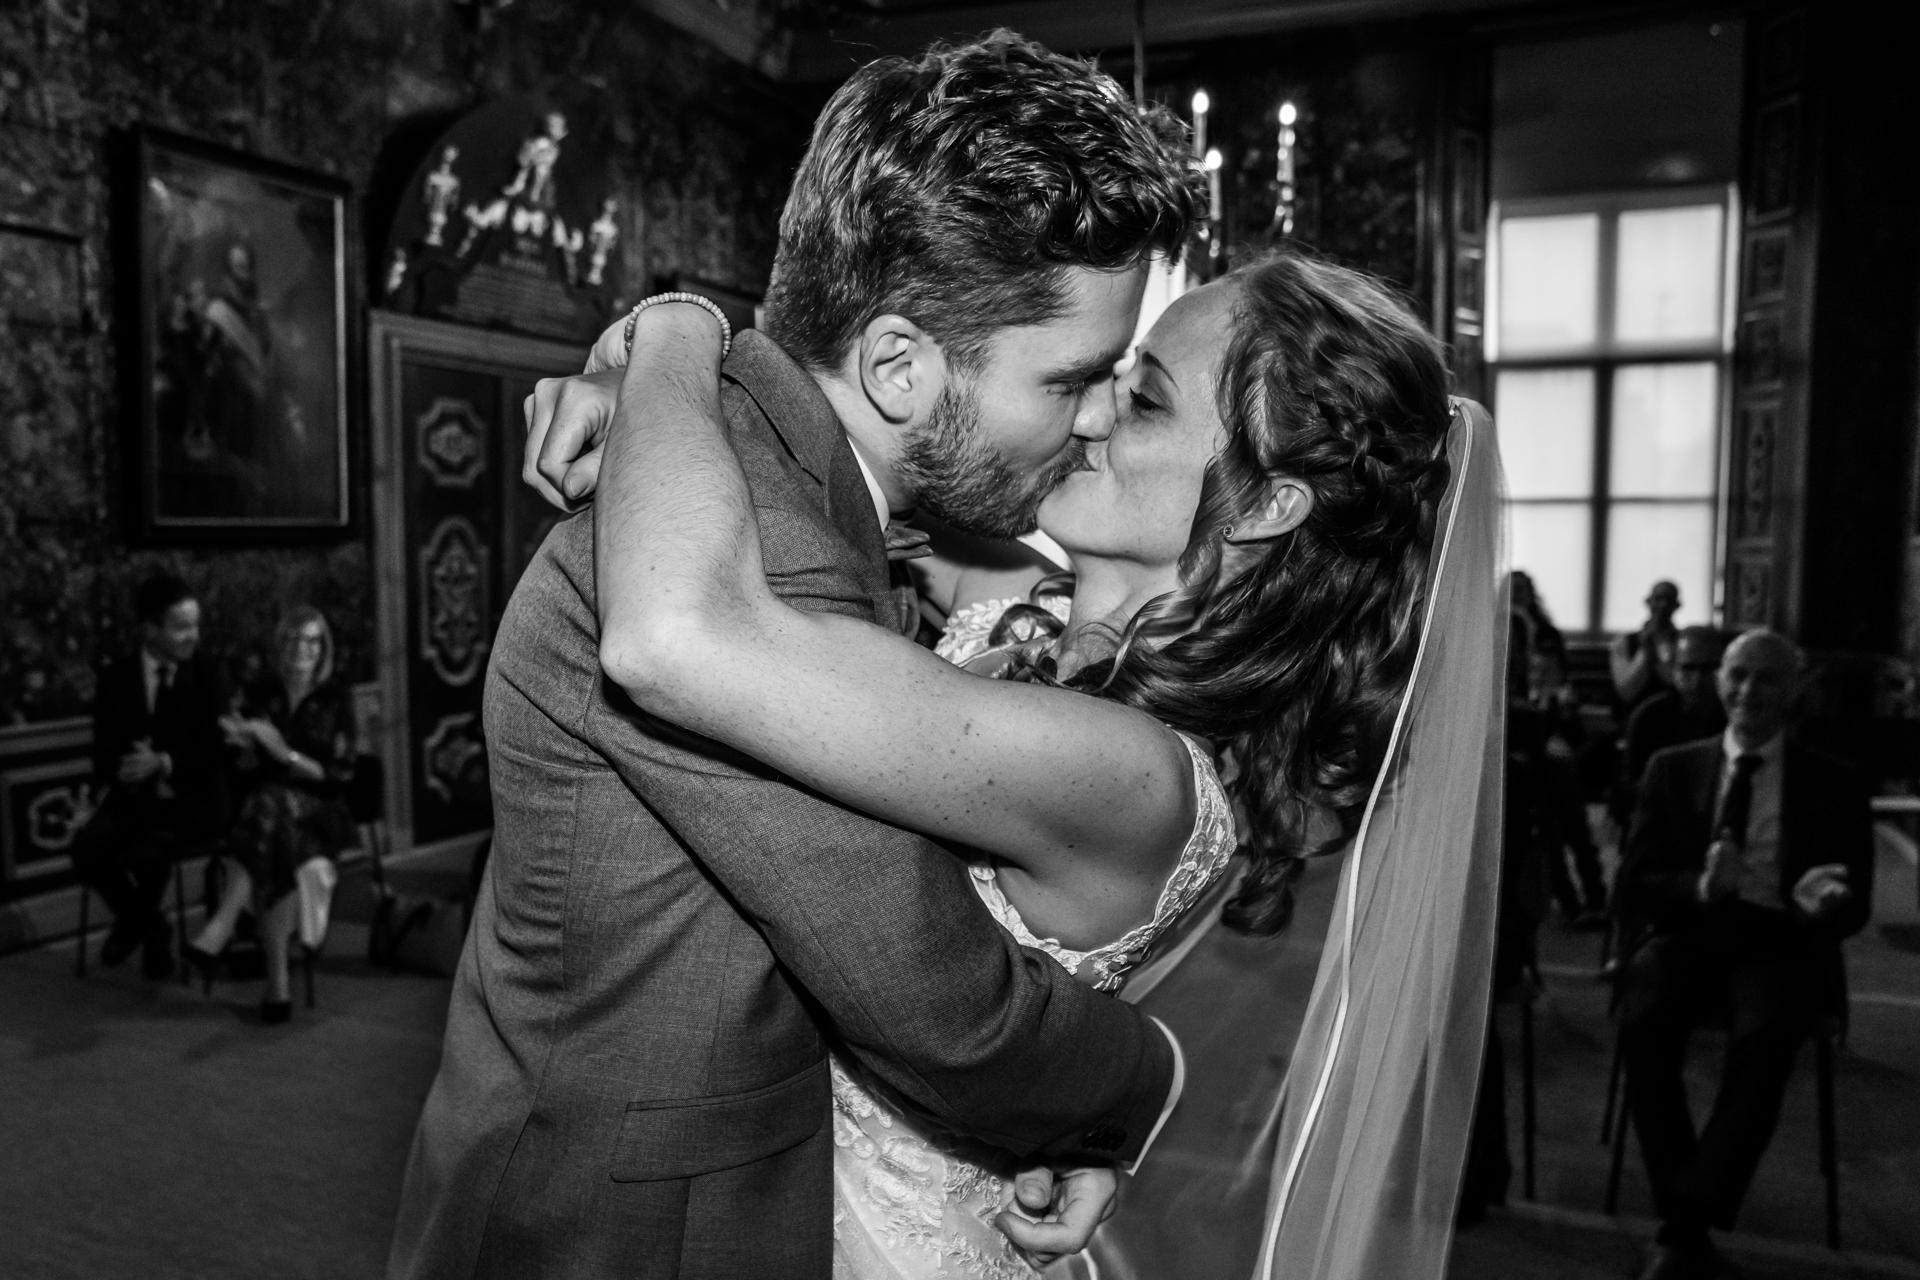 Cérémonie de mariage NL Photo de la mairie de Harderwijk | À la fin de la cérémonie, les mariés partagent leur premier baiser